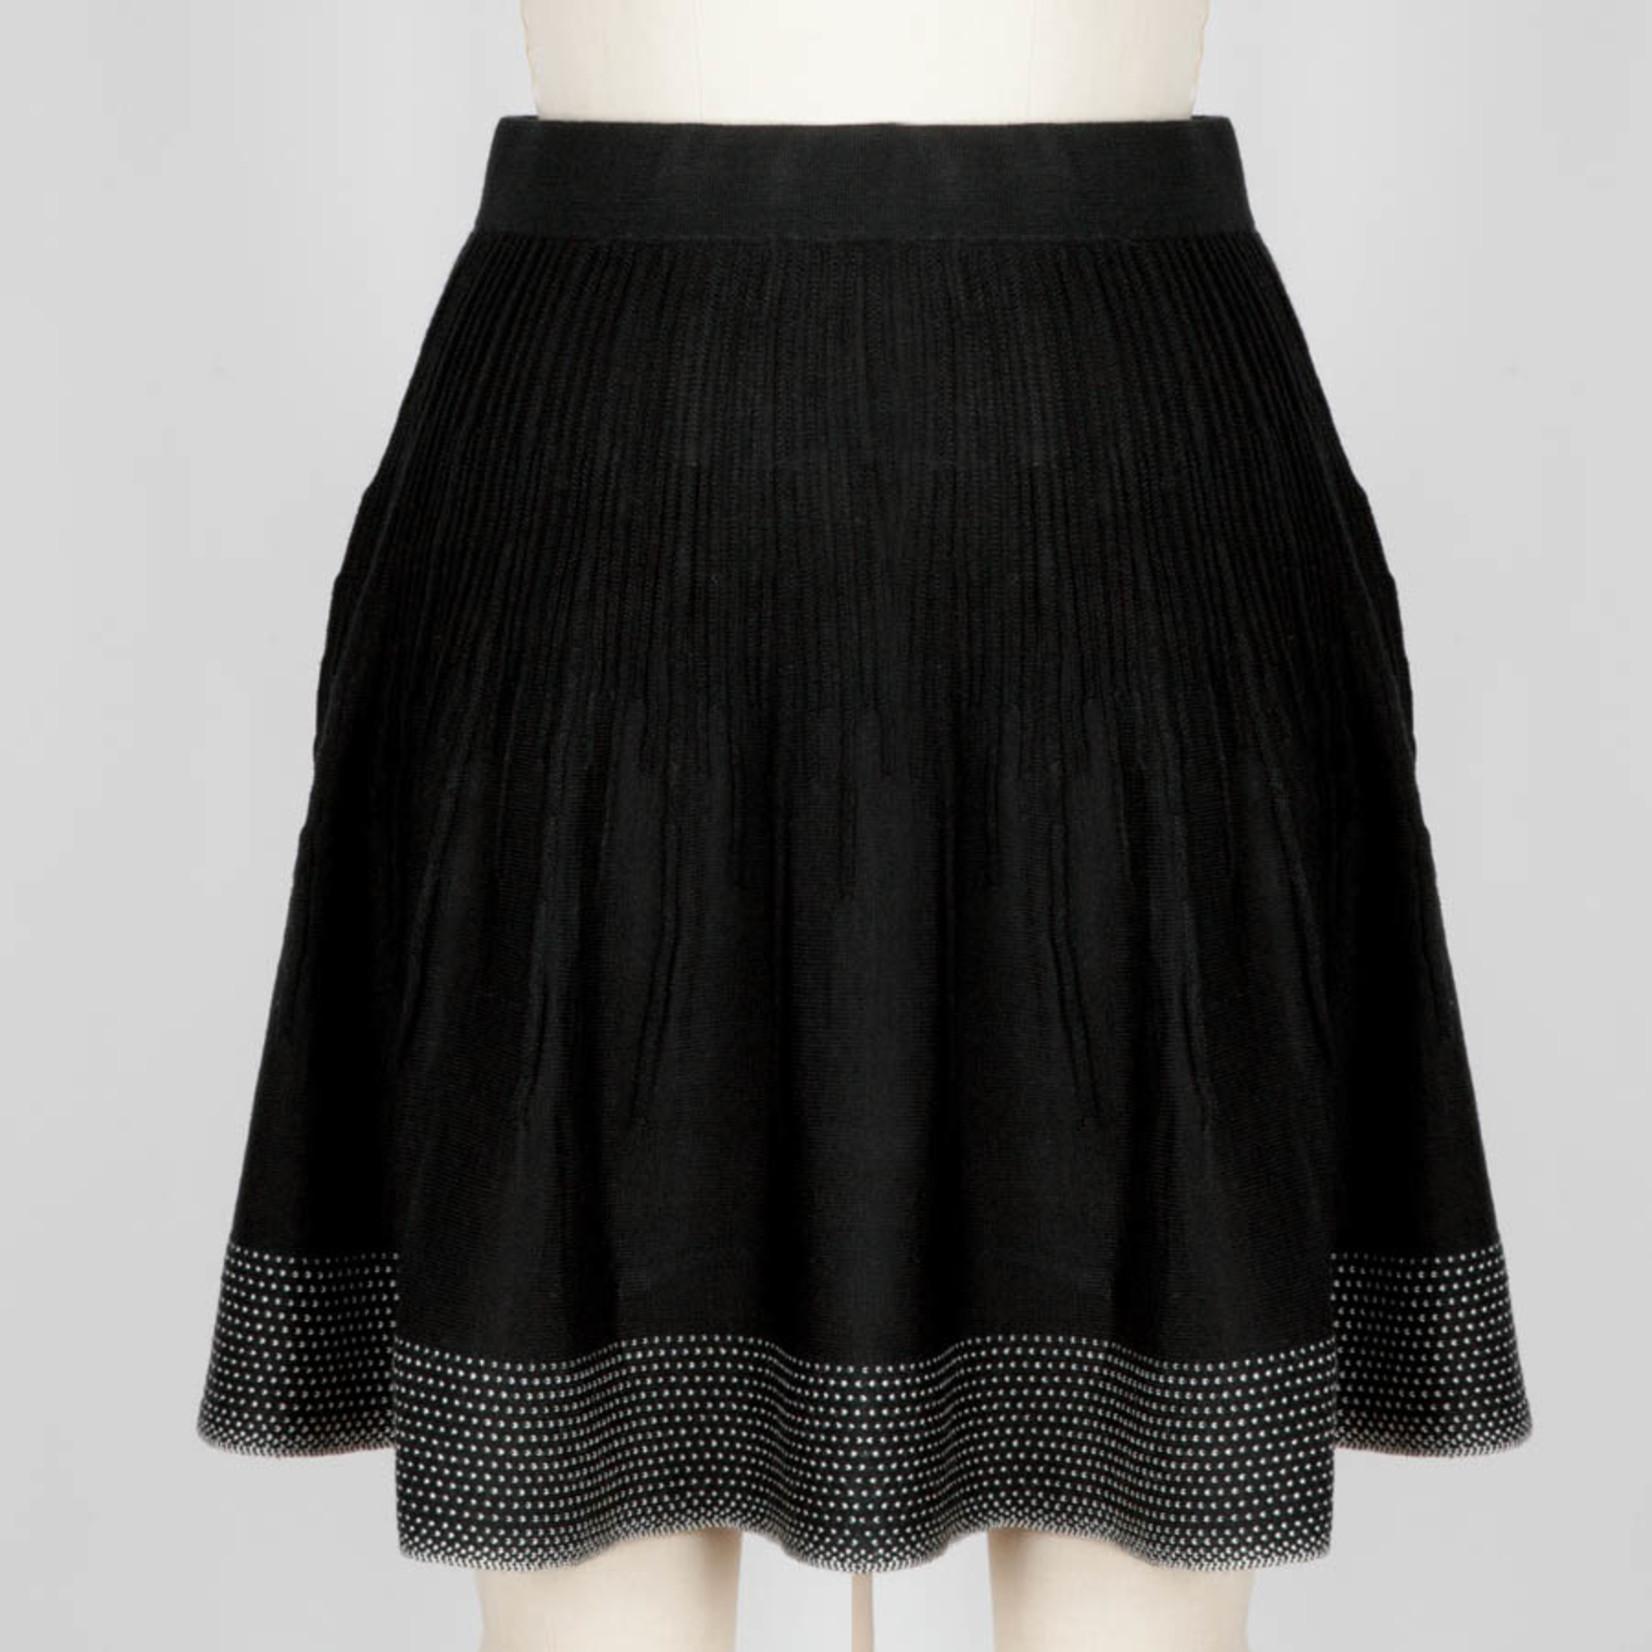 Icelandic Skirt/Dottie/Black/WhiteDotsBottom/Ribbed